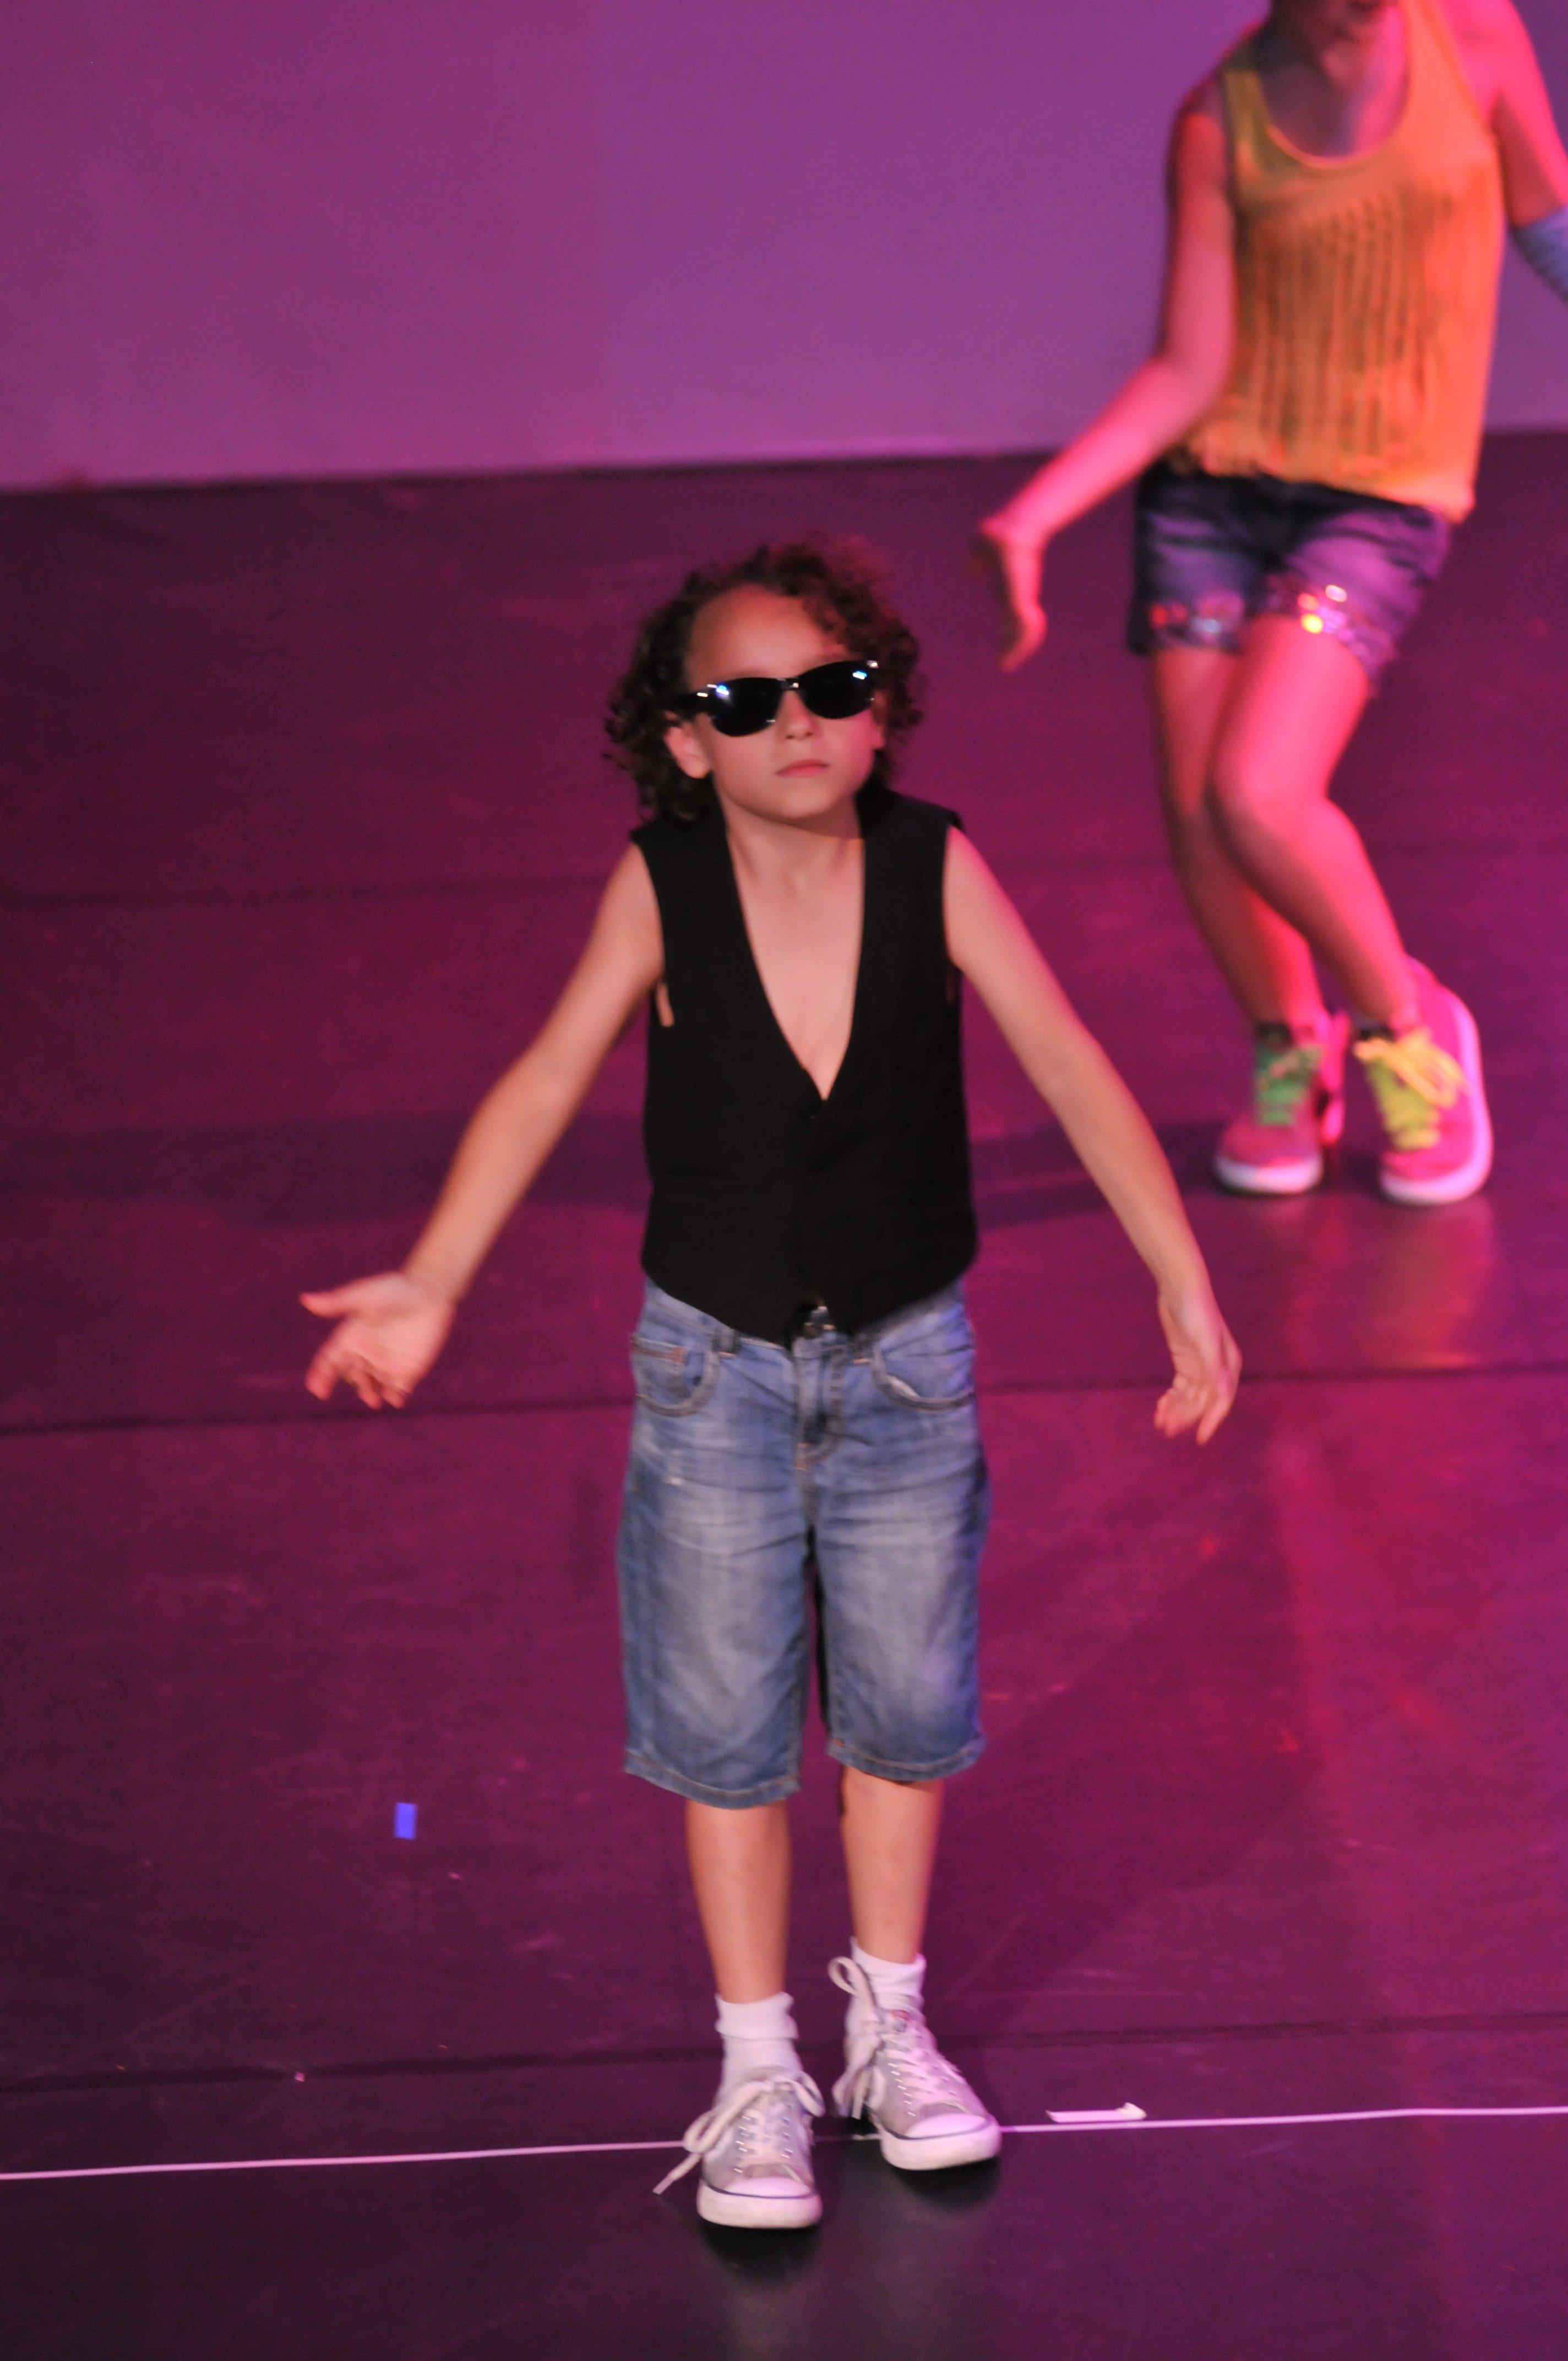 un bambino con capelli ricci, occhiali da sole e un gilet nero